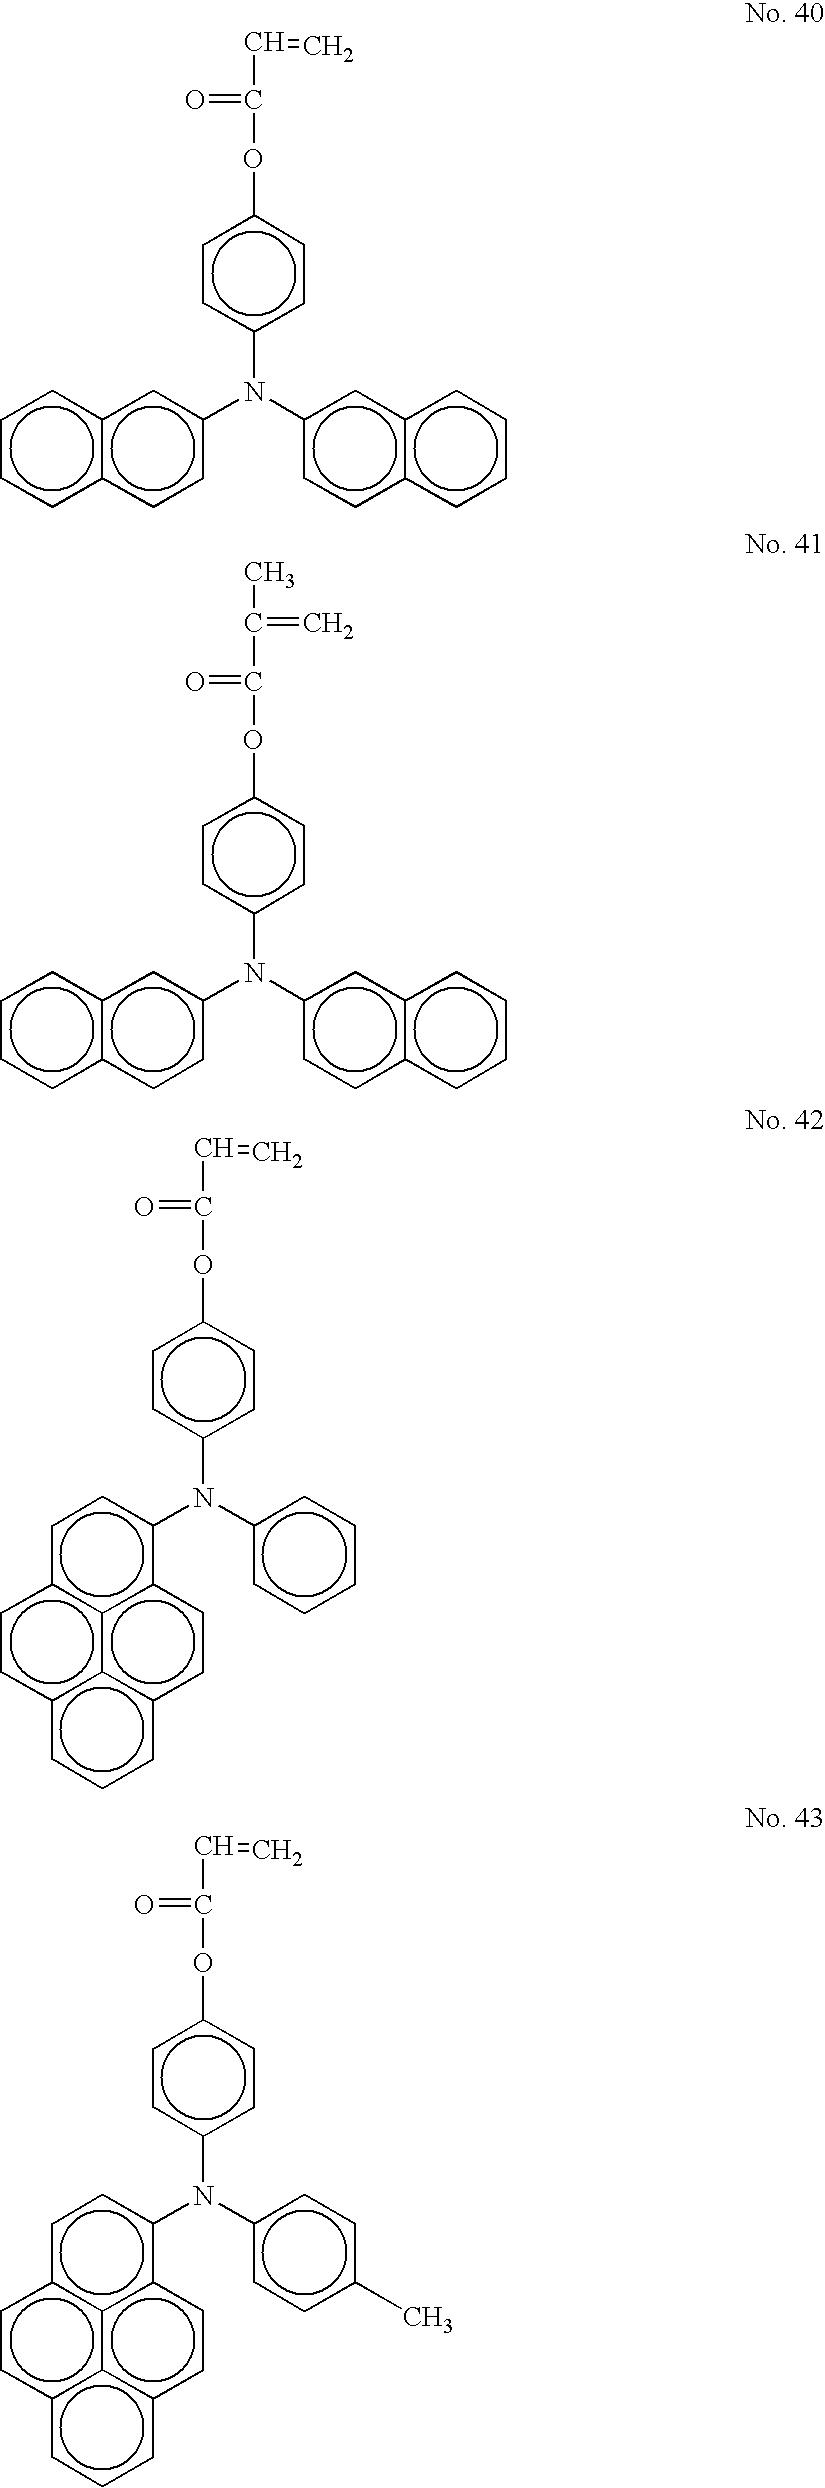 Figure US20070059619A1-20070315-C00022